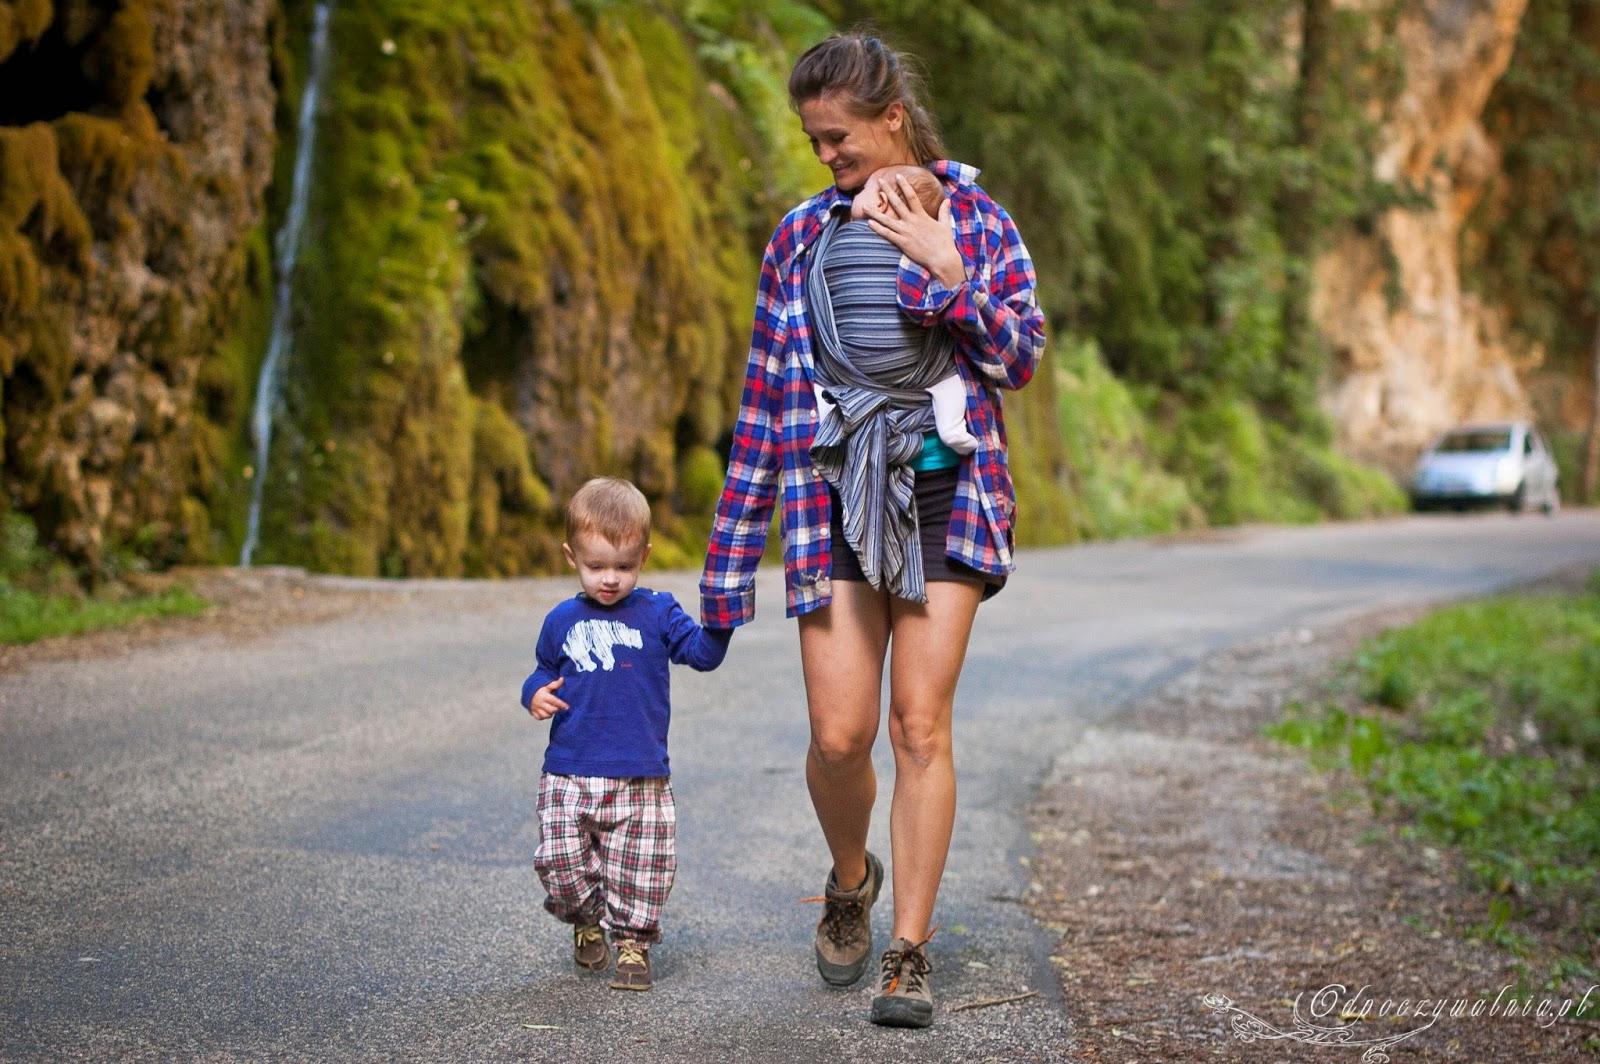 podróżowanie z dzieckiem, chustonoszenie, dziecko w chuście